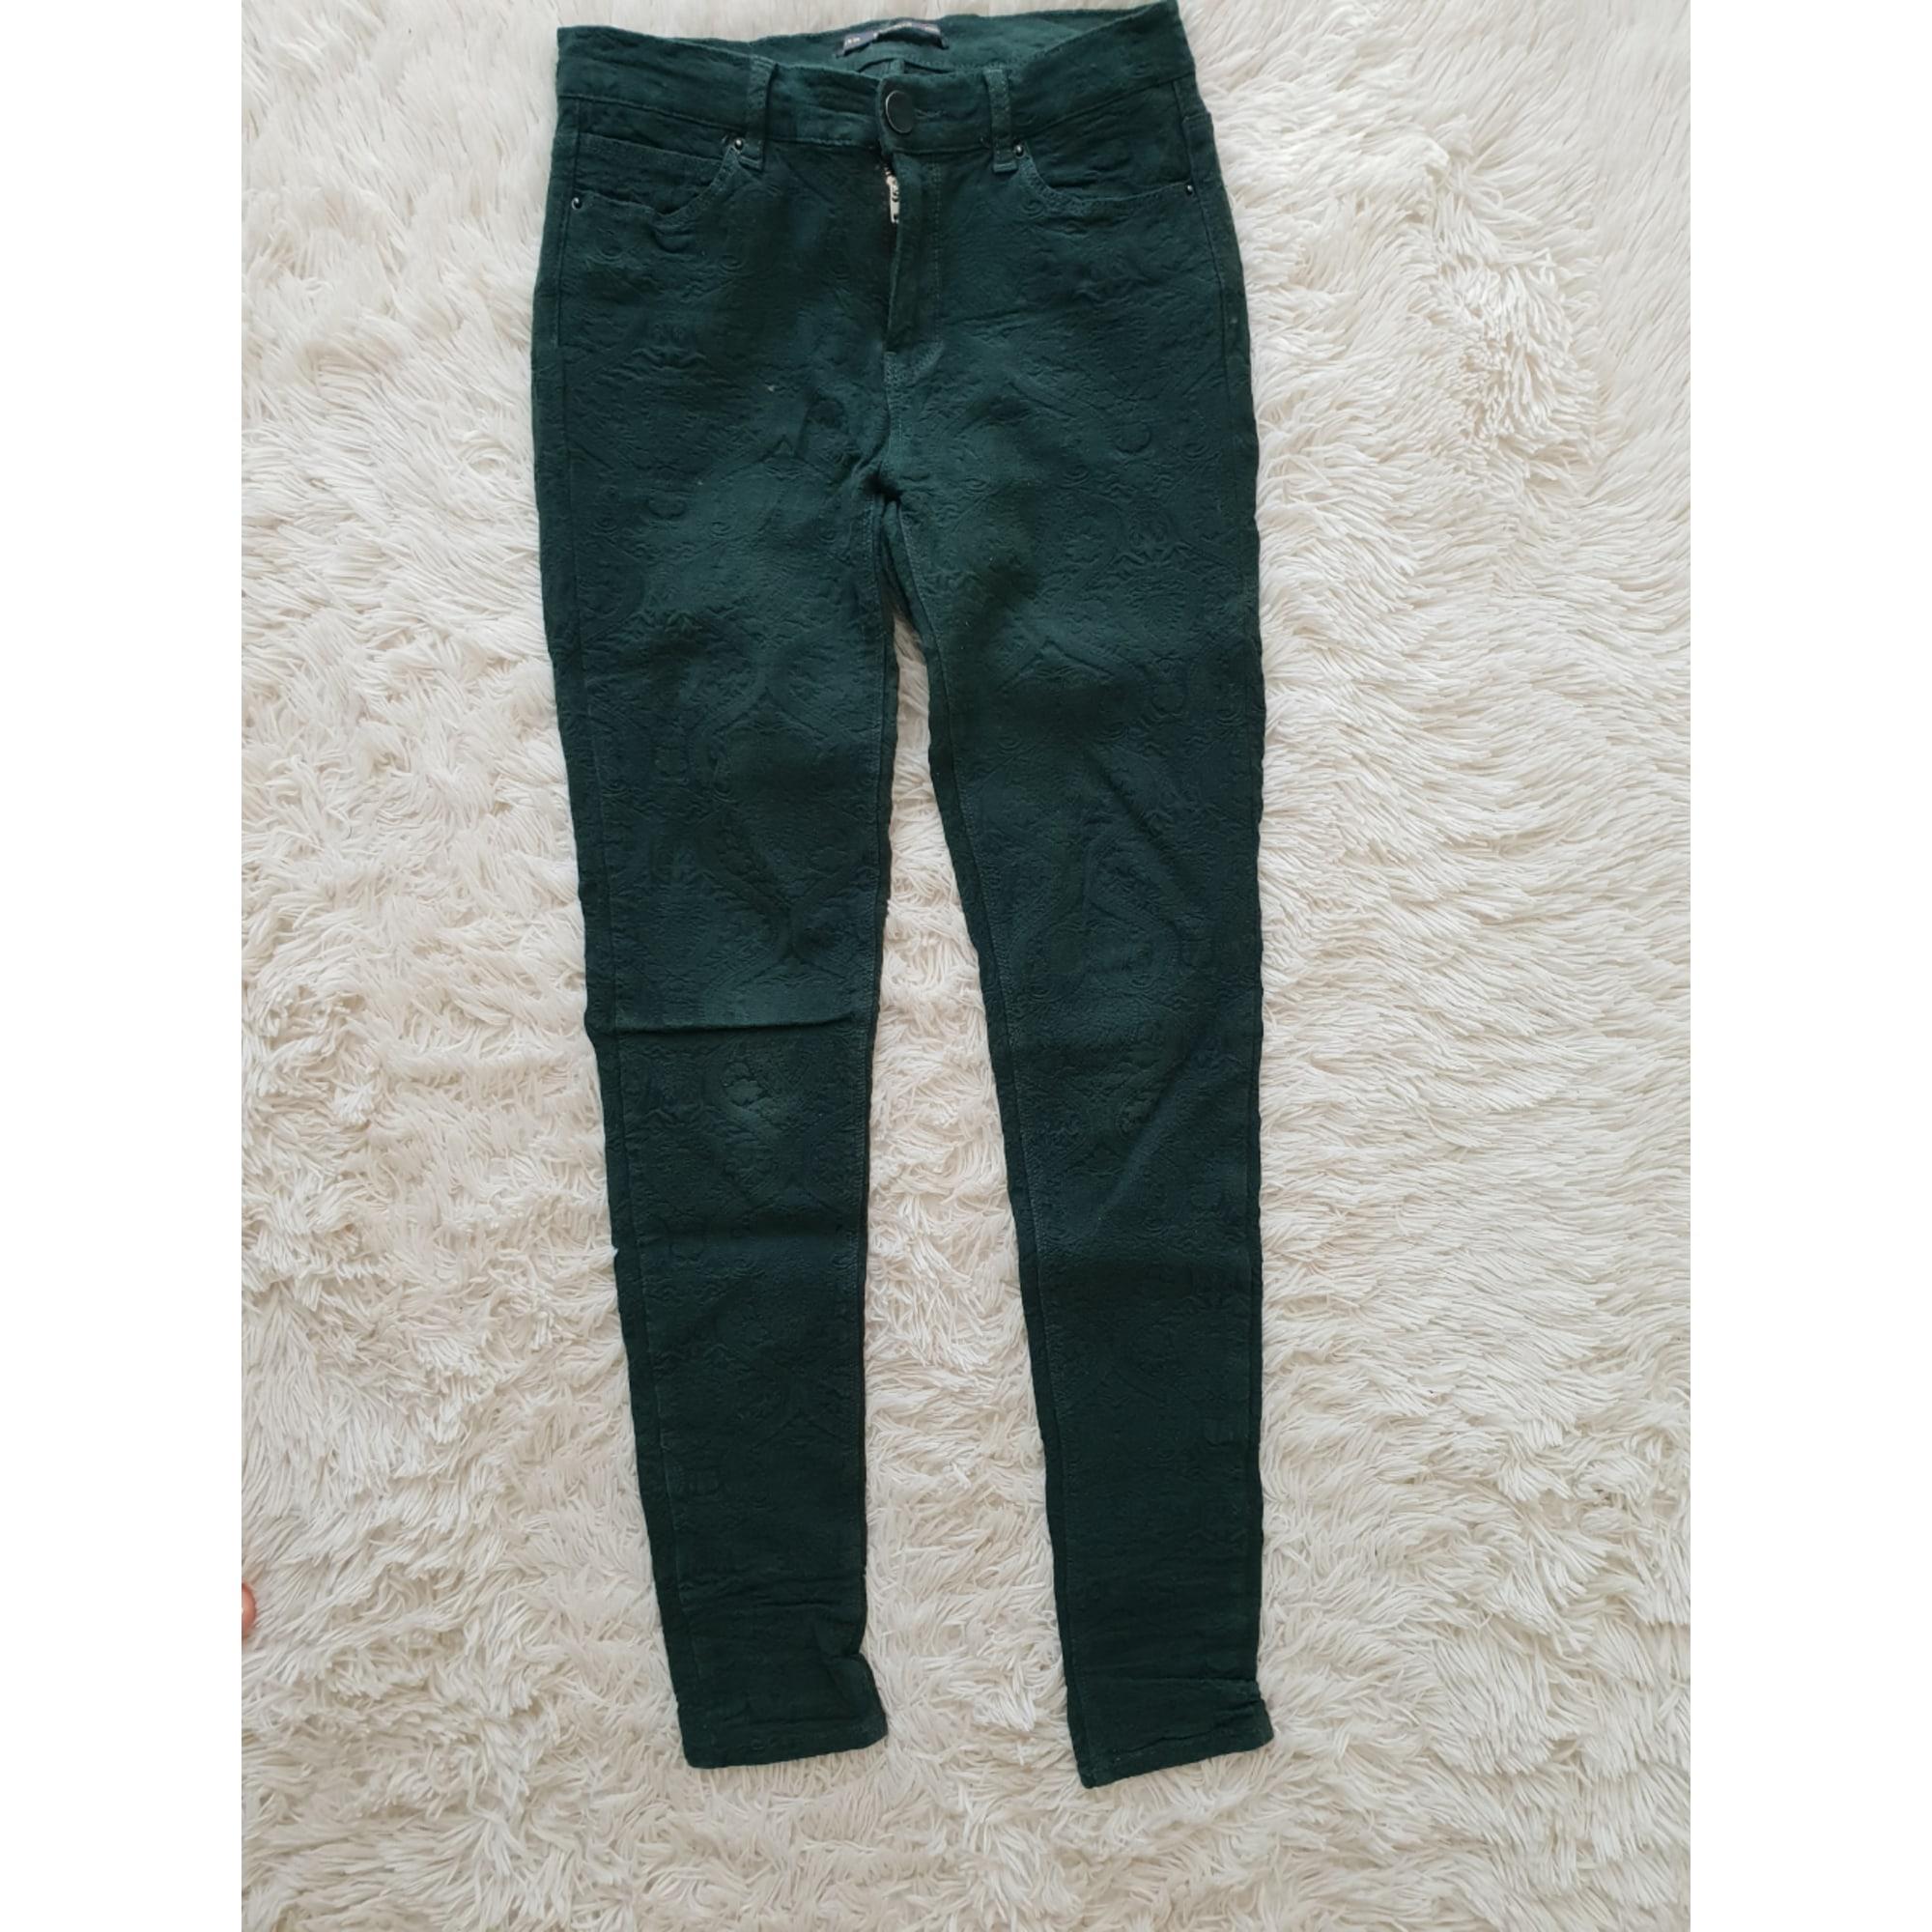 Pantalon slim, cigarette PULL & BEAR Vert